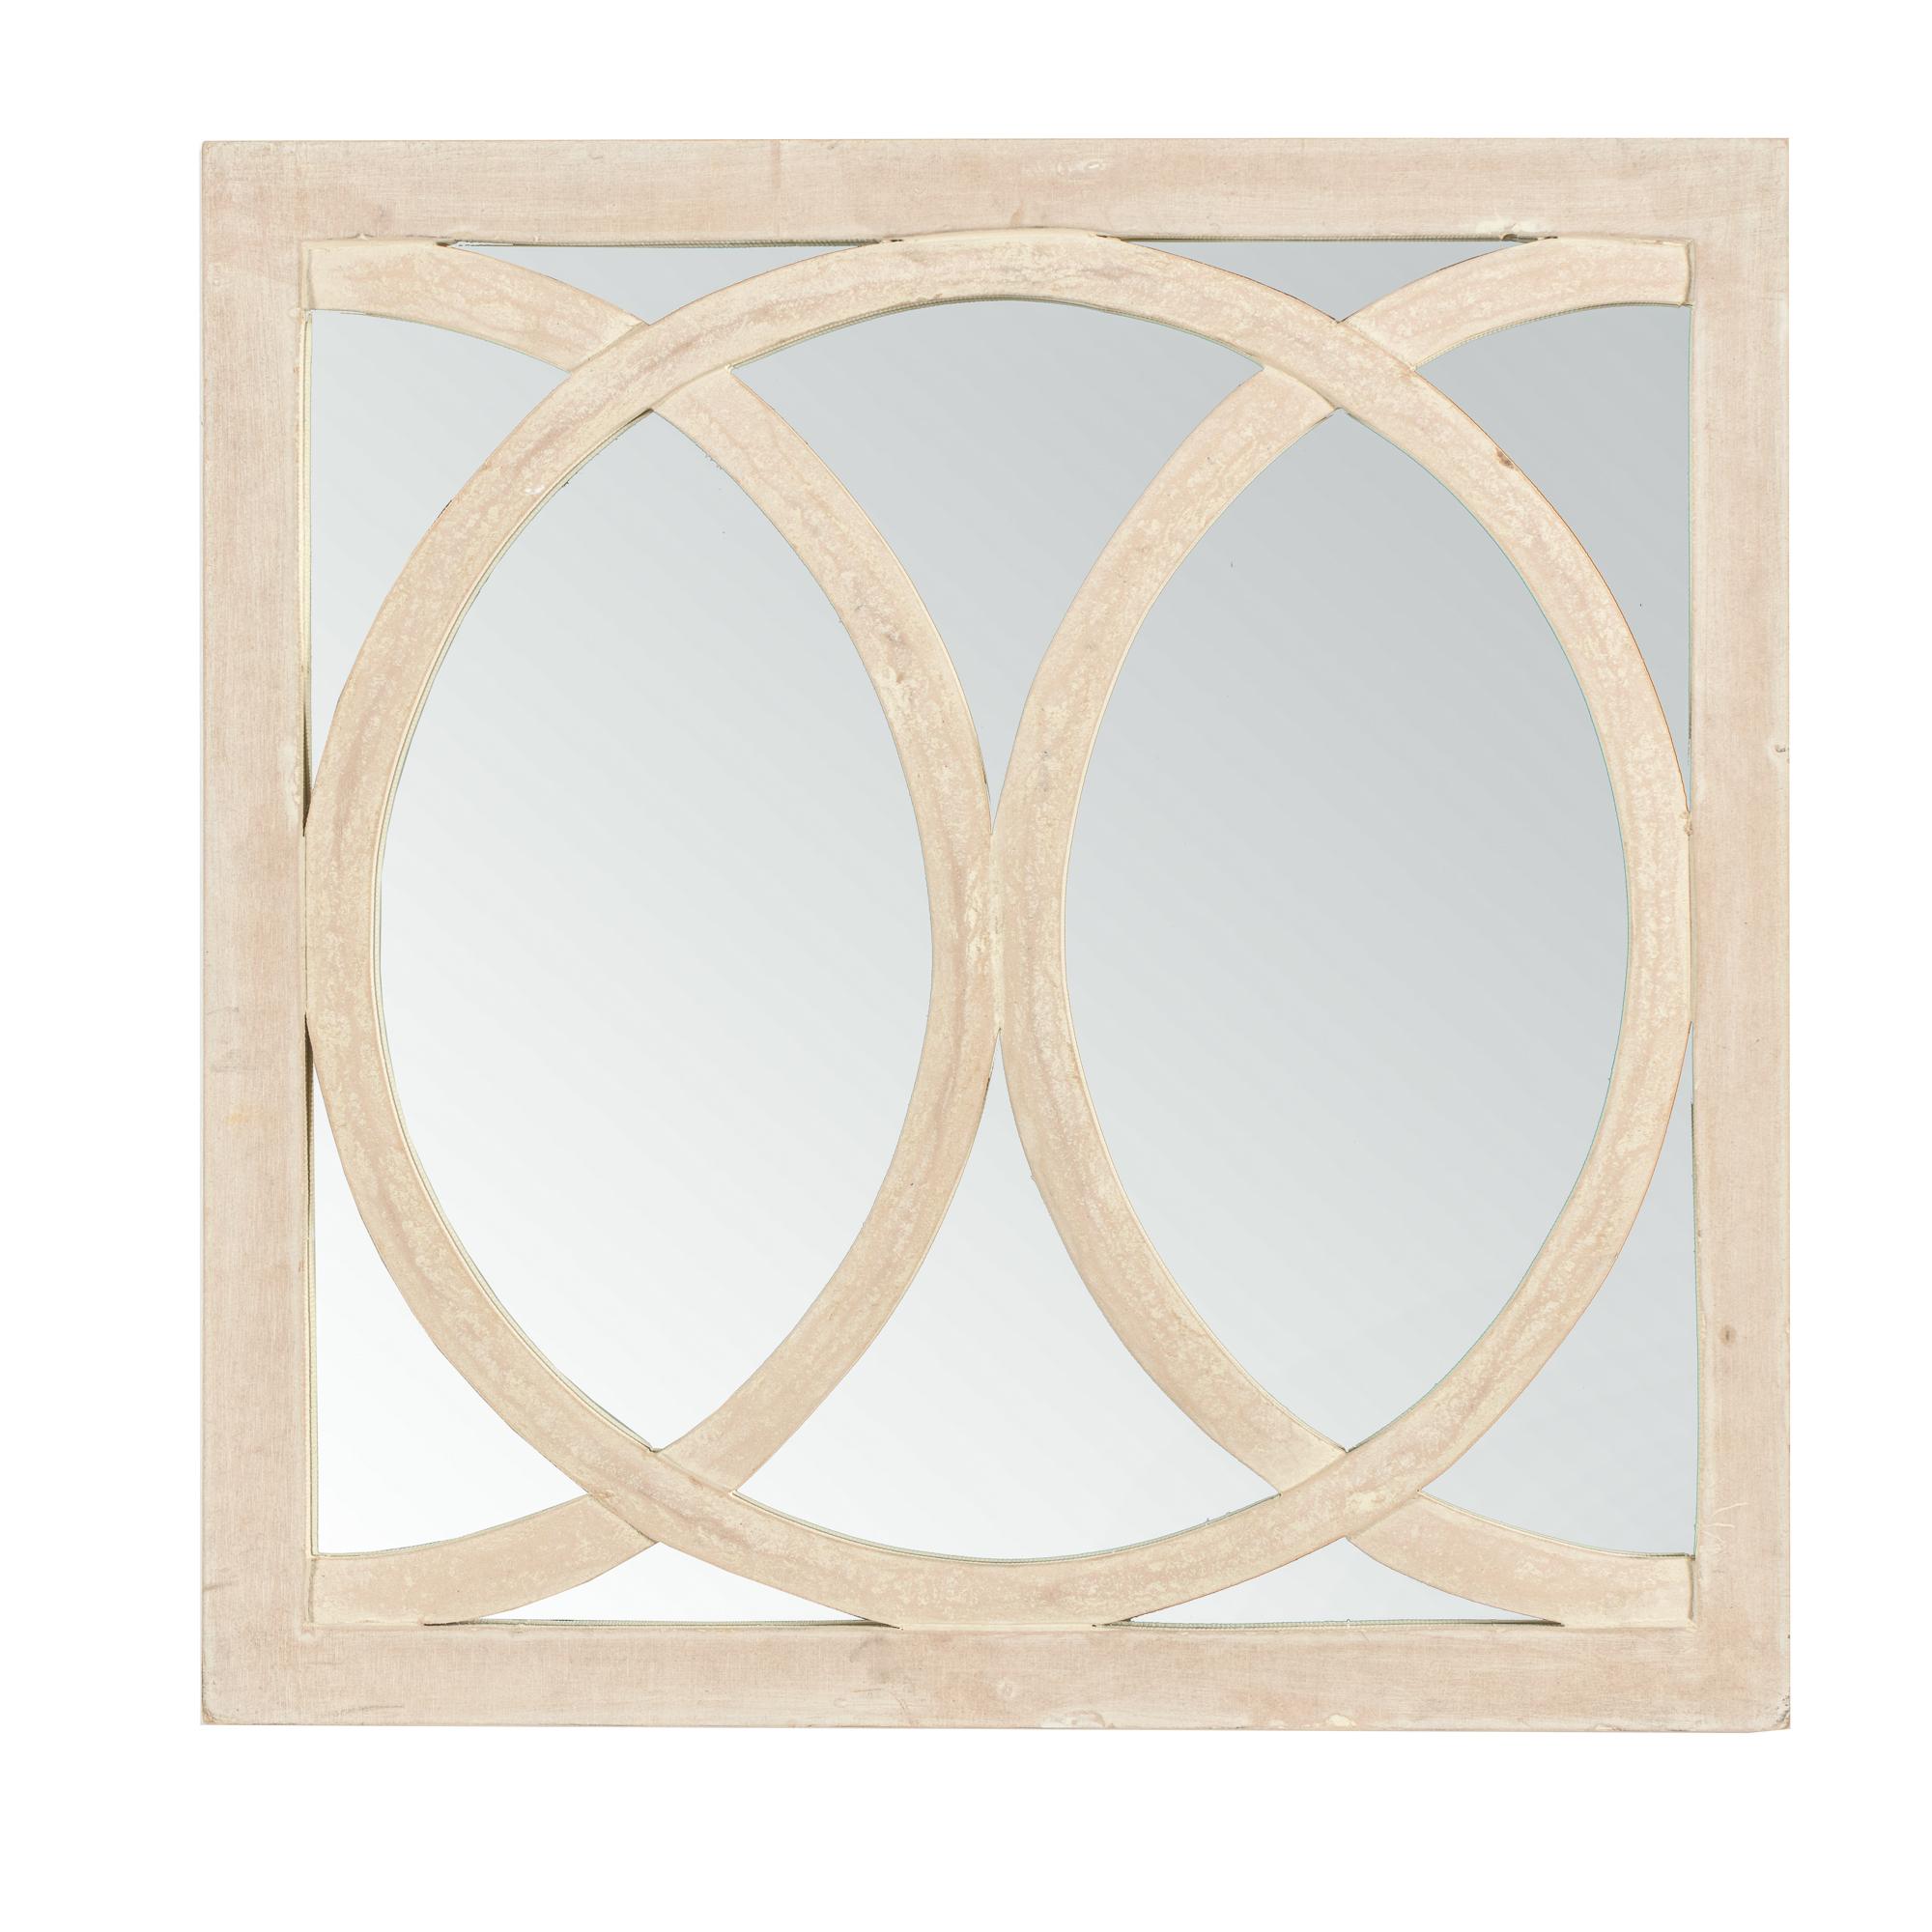 Trendy Large Square Circolo Wall Mirror Pertaining To Large Square Wall Mirrors (View 17 of 20)